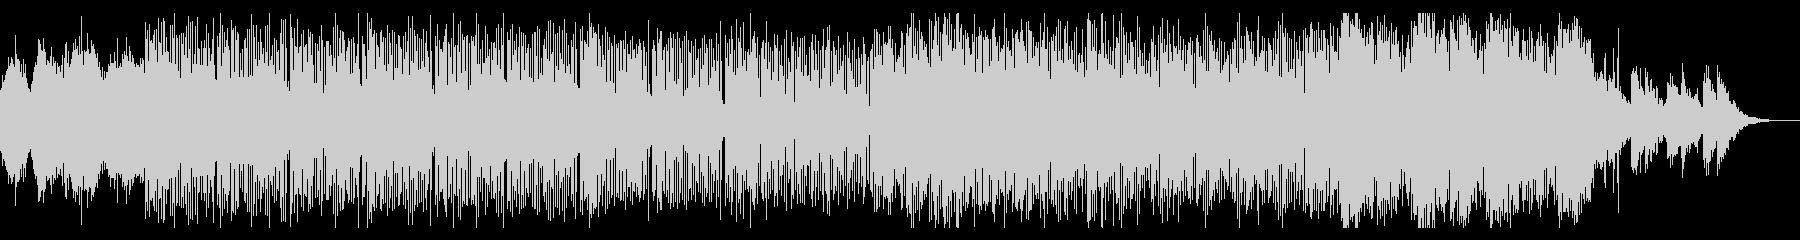 エクスペリメンタルなテクスチャの未再生の波形